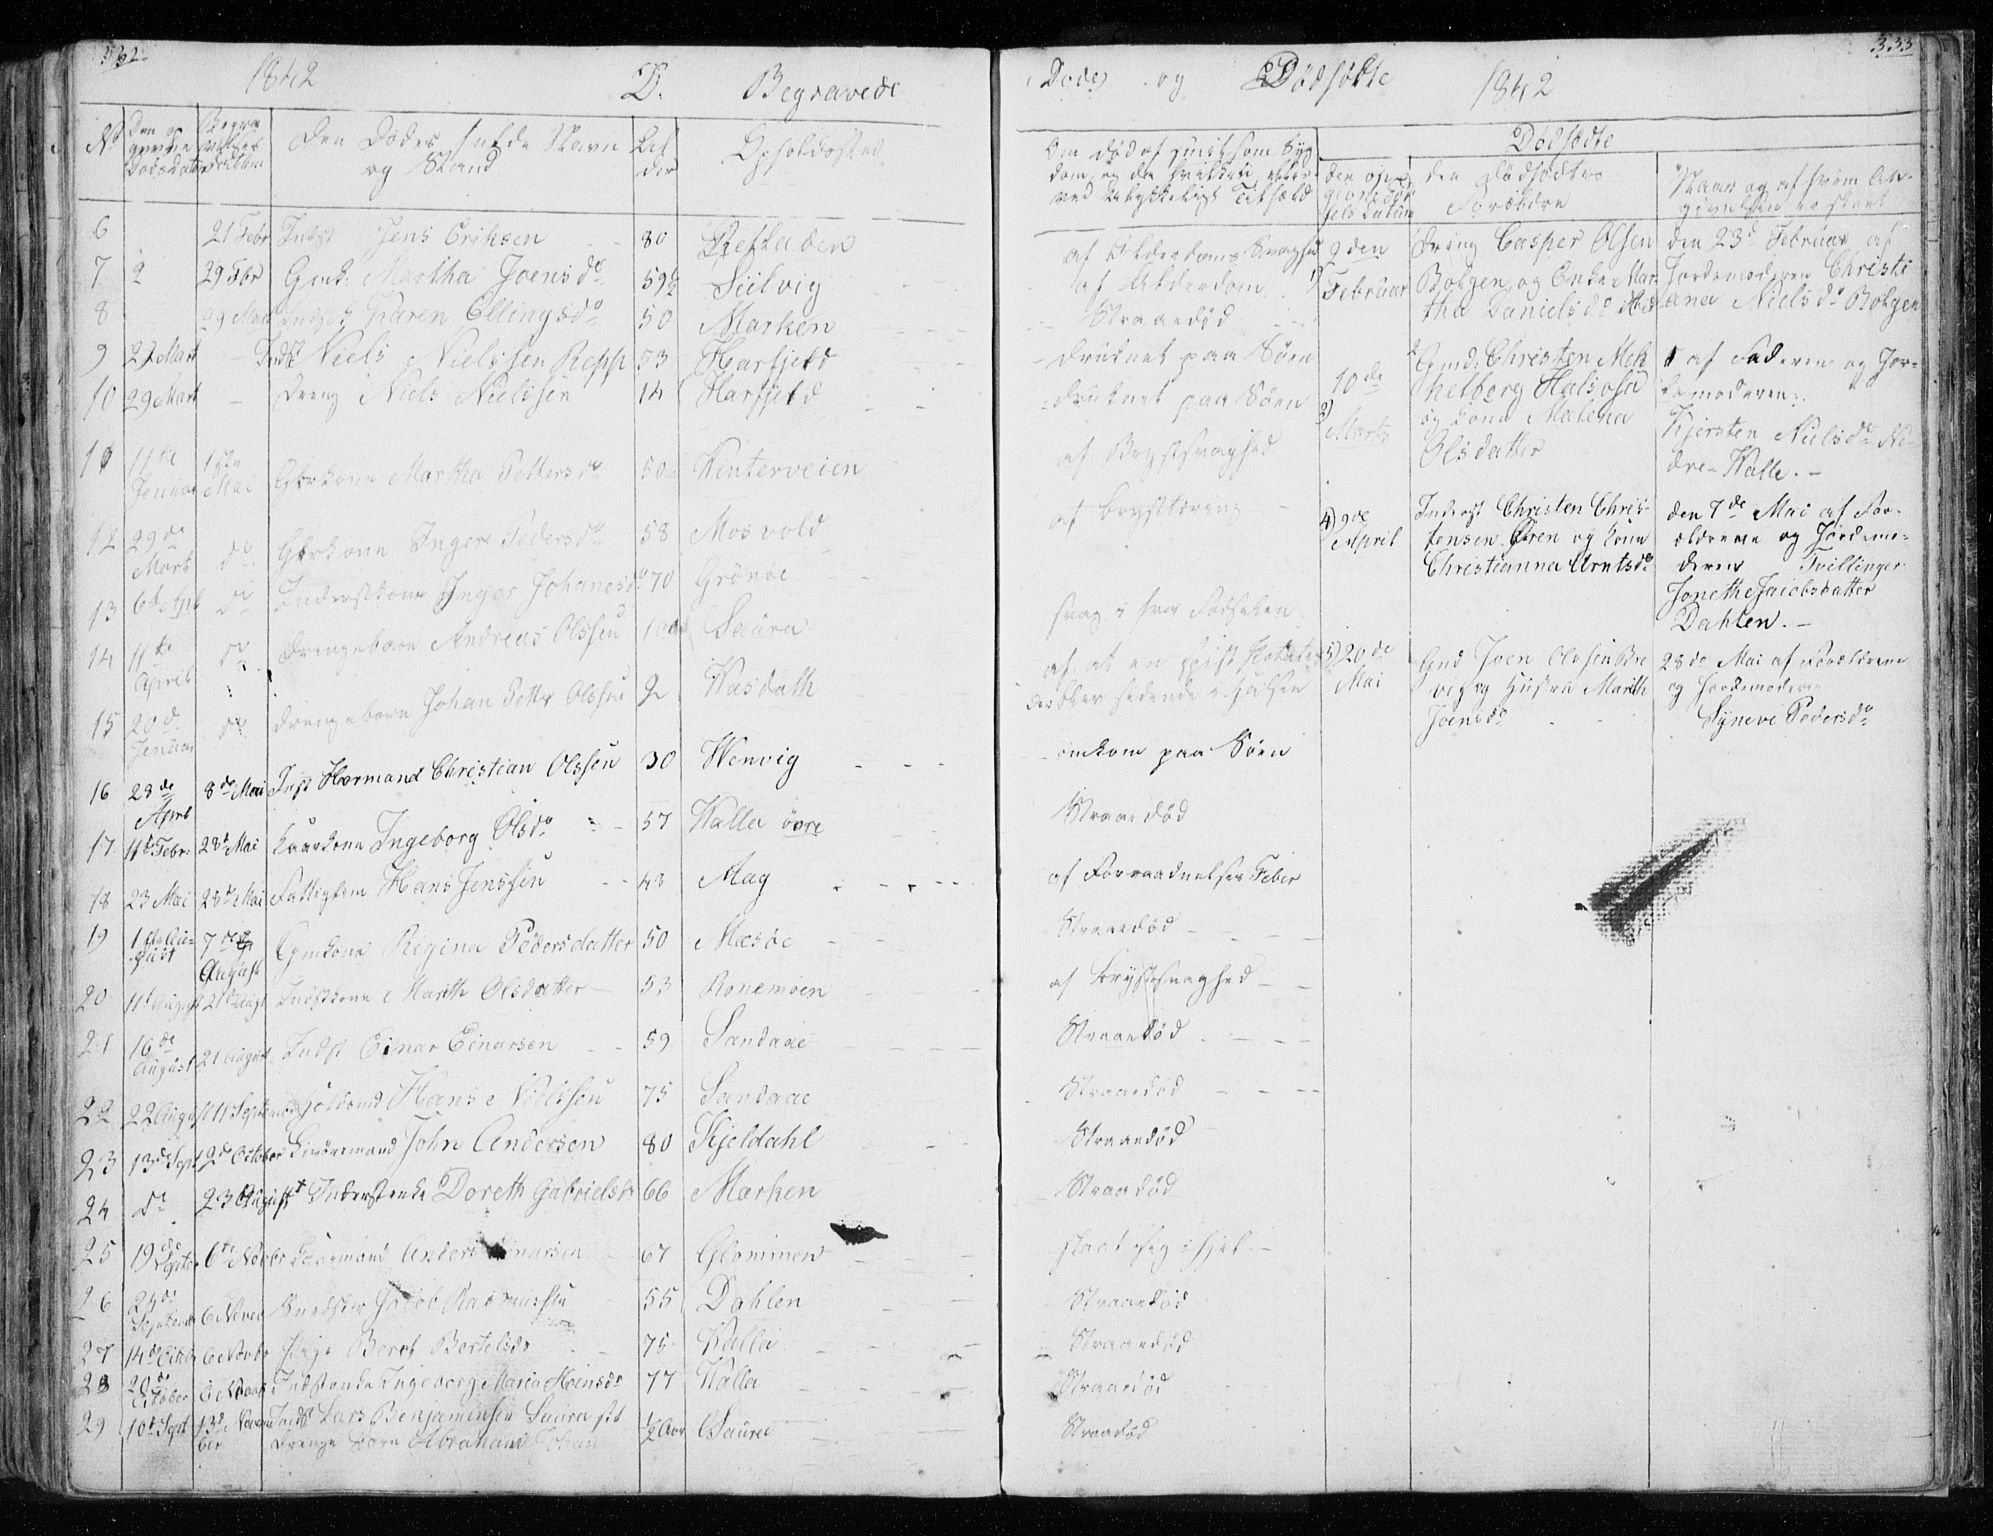 SAT, Ministerialprotokoller, klokkerbøker og fødselsregistre - Nordland, 843/L0632: Parish register (copy) no. 843C01, 1833-1853, p. 332-333